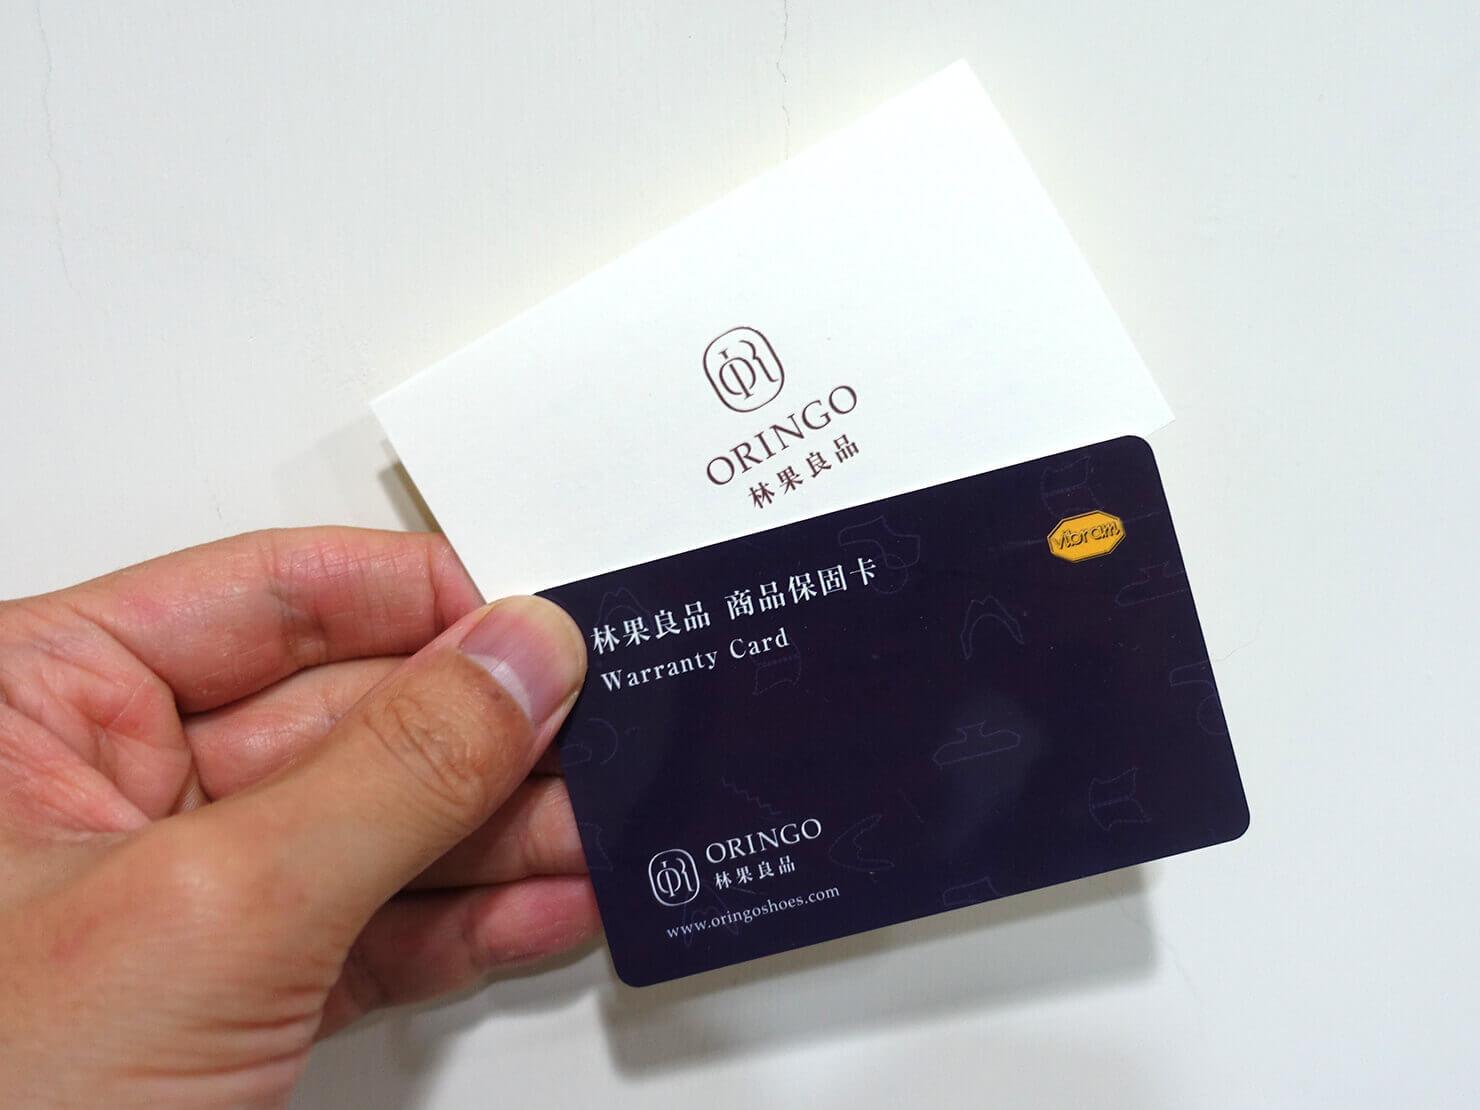 台湾のおすすめ革靴ブランド「林果良品 ORINGO」の会員カード